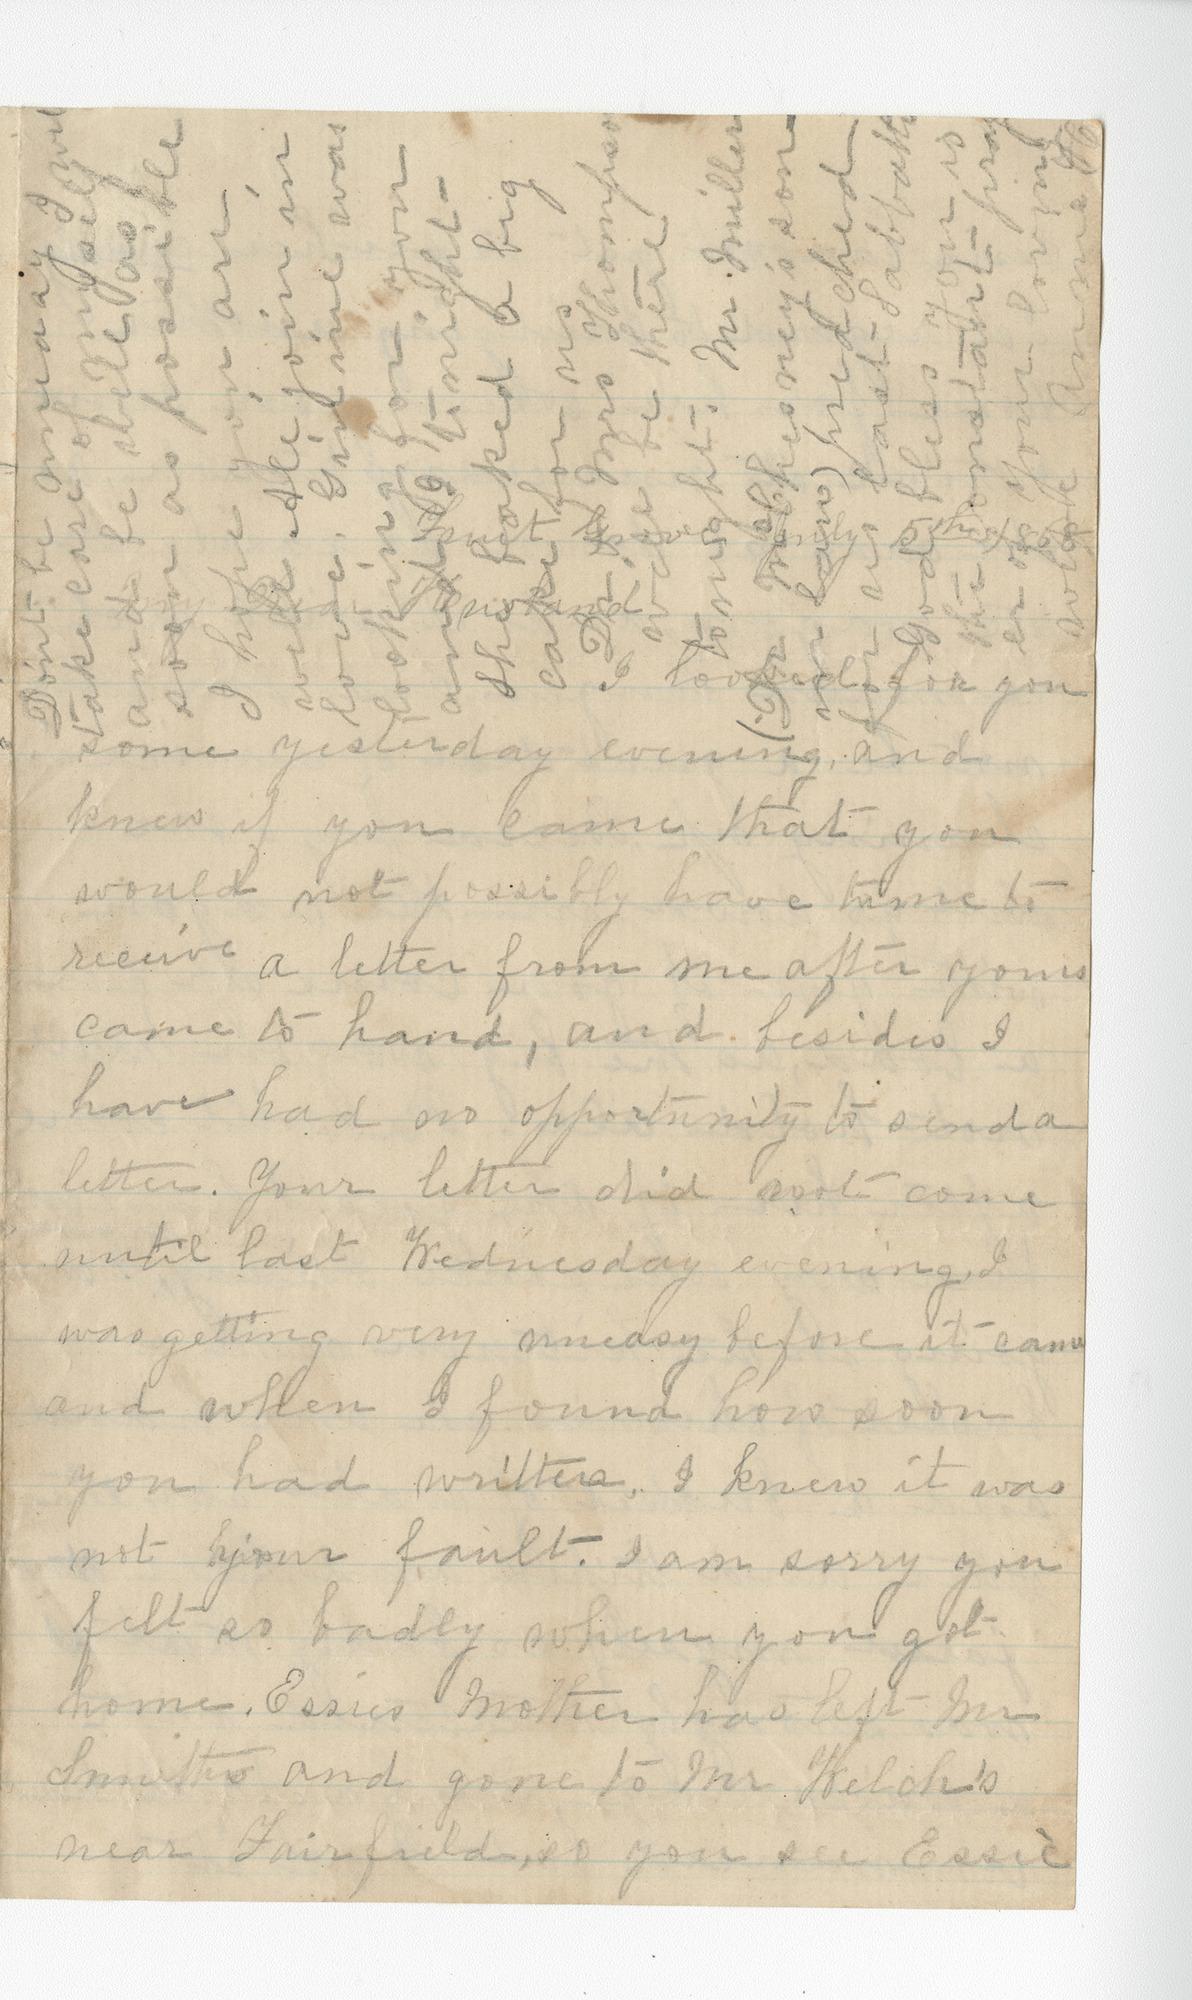 Ms2016-013_HeizerJames_Letter_1868_0705a.jpg